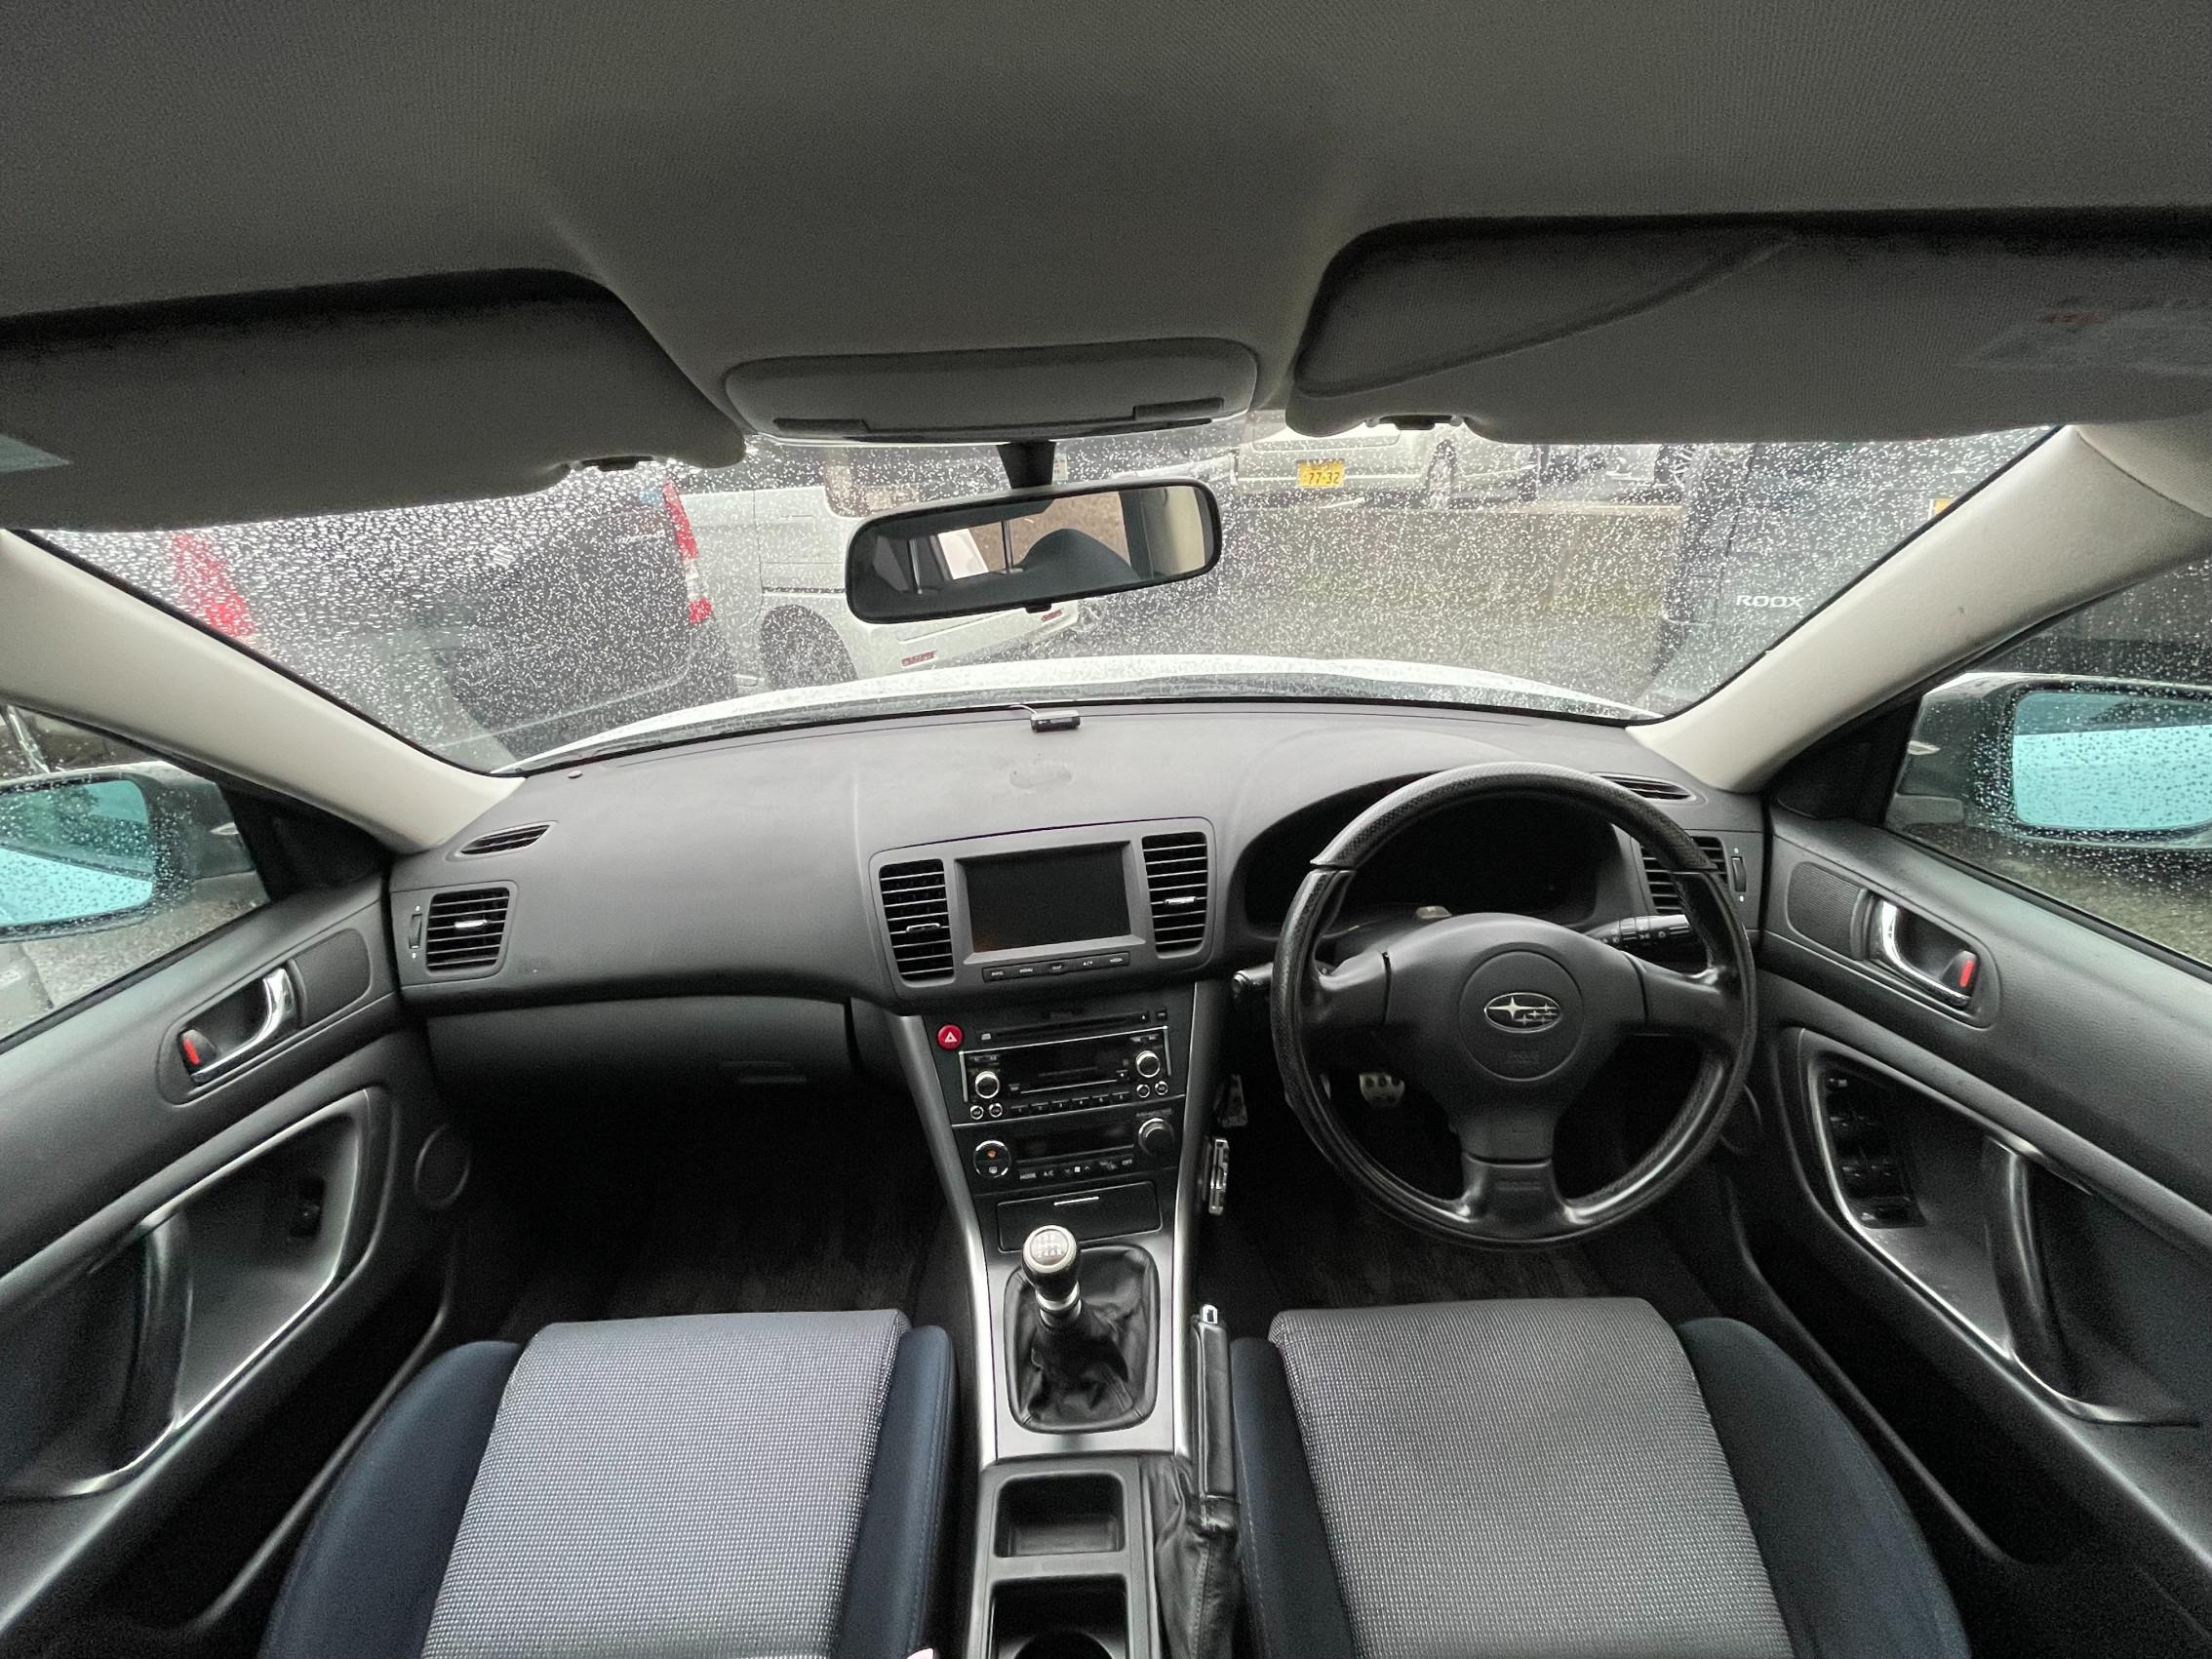 レガシー B4 3.0RスペックB 4WD 6MT HDDナビ Bカメラ CD録音 DVD再生 ETC HID キーレス 買取車 現状渡し